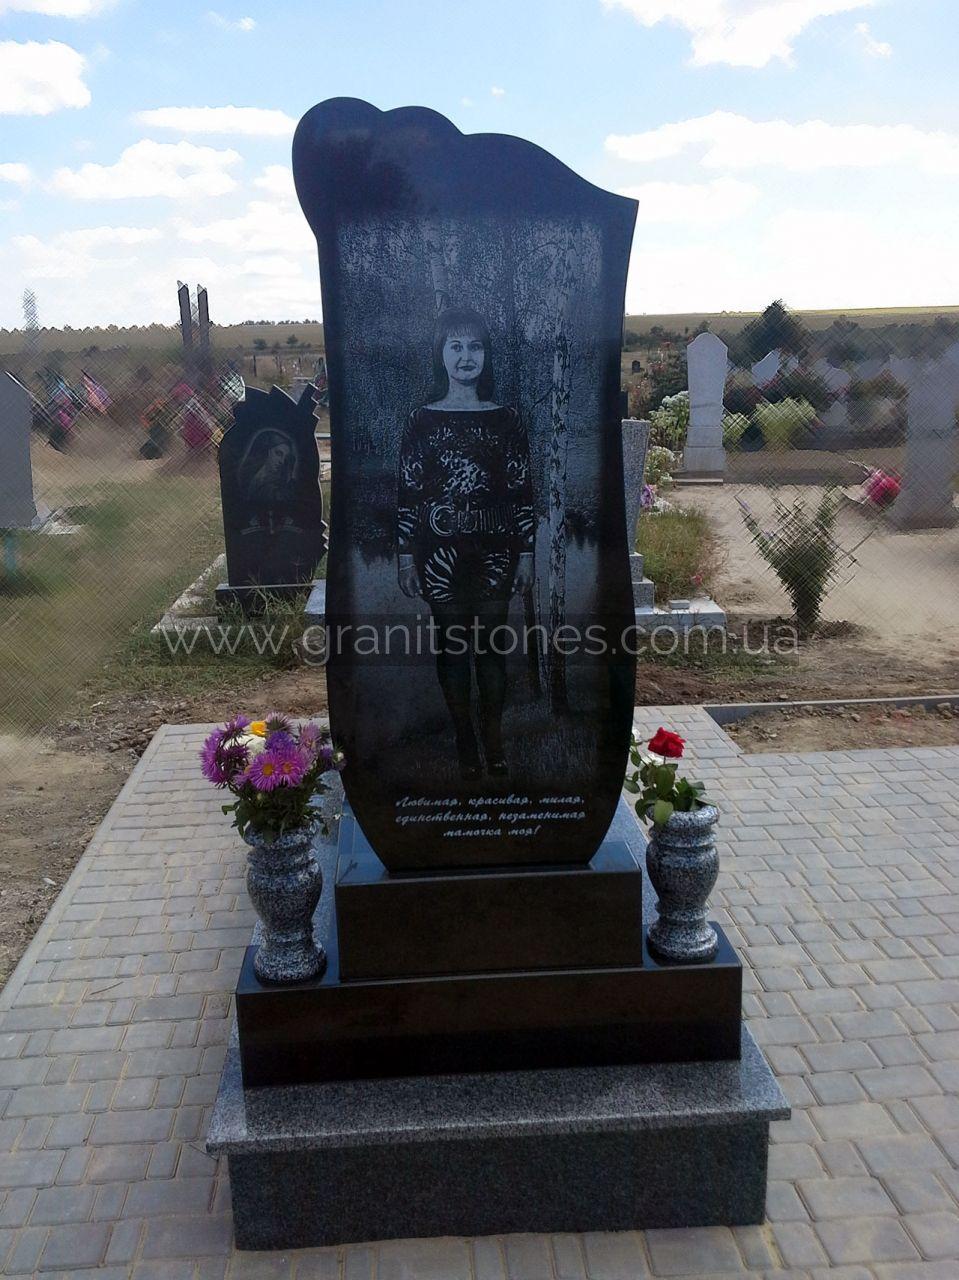 Где заказать памятник женщинам купить ограду для могилы в новосибирске